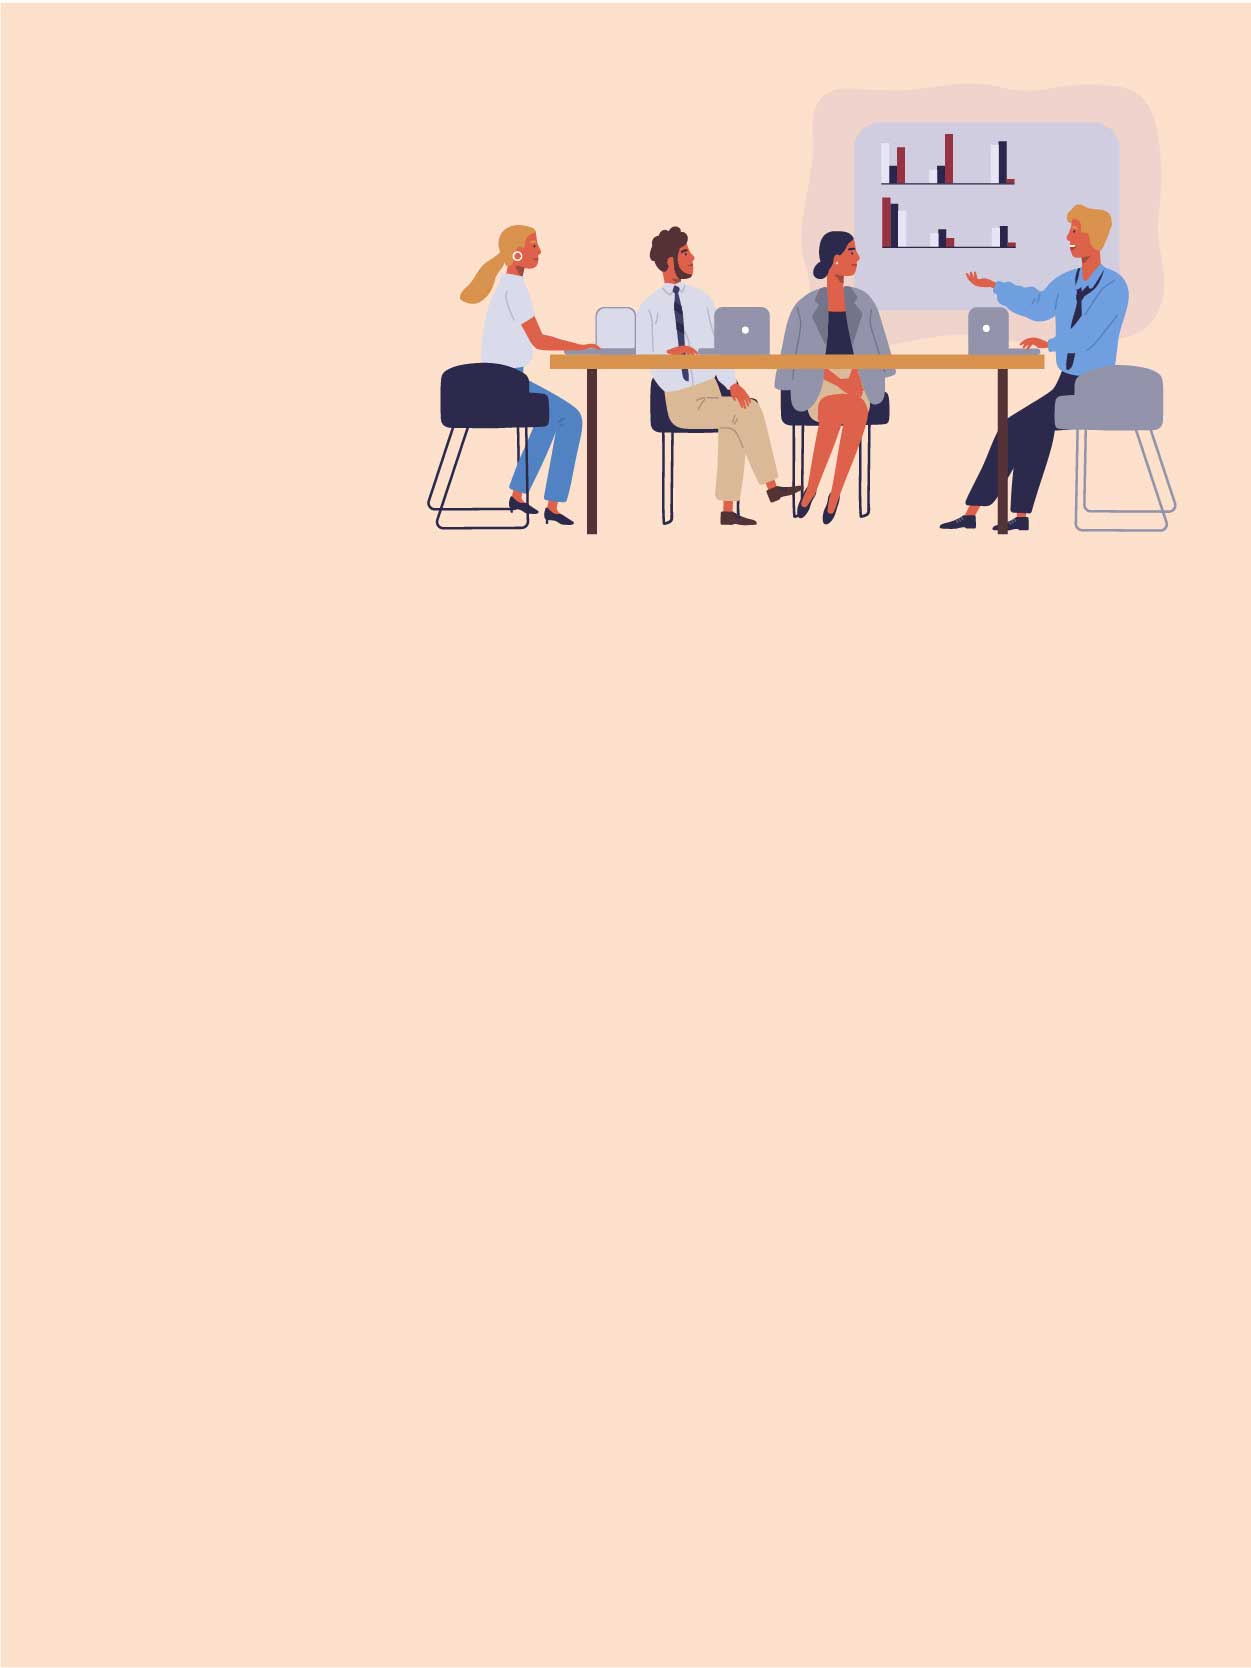 Học cẩm nang cho nhà quản lý cấp trung và nhân viên văn phòng online | Edumall Việt Nam